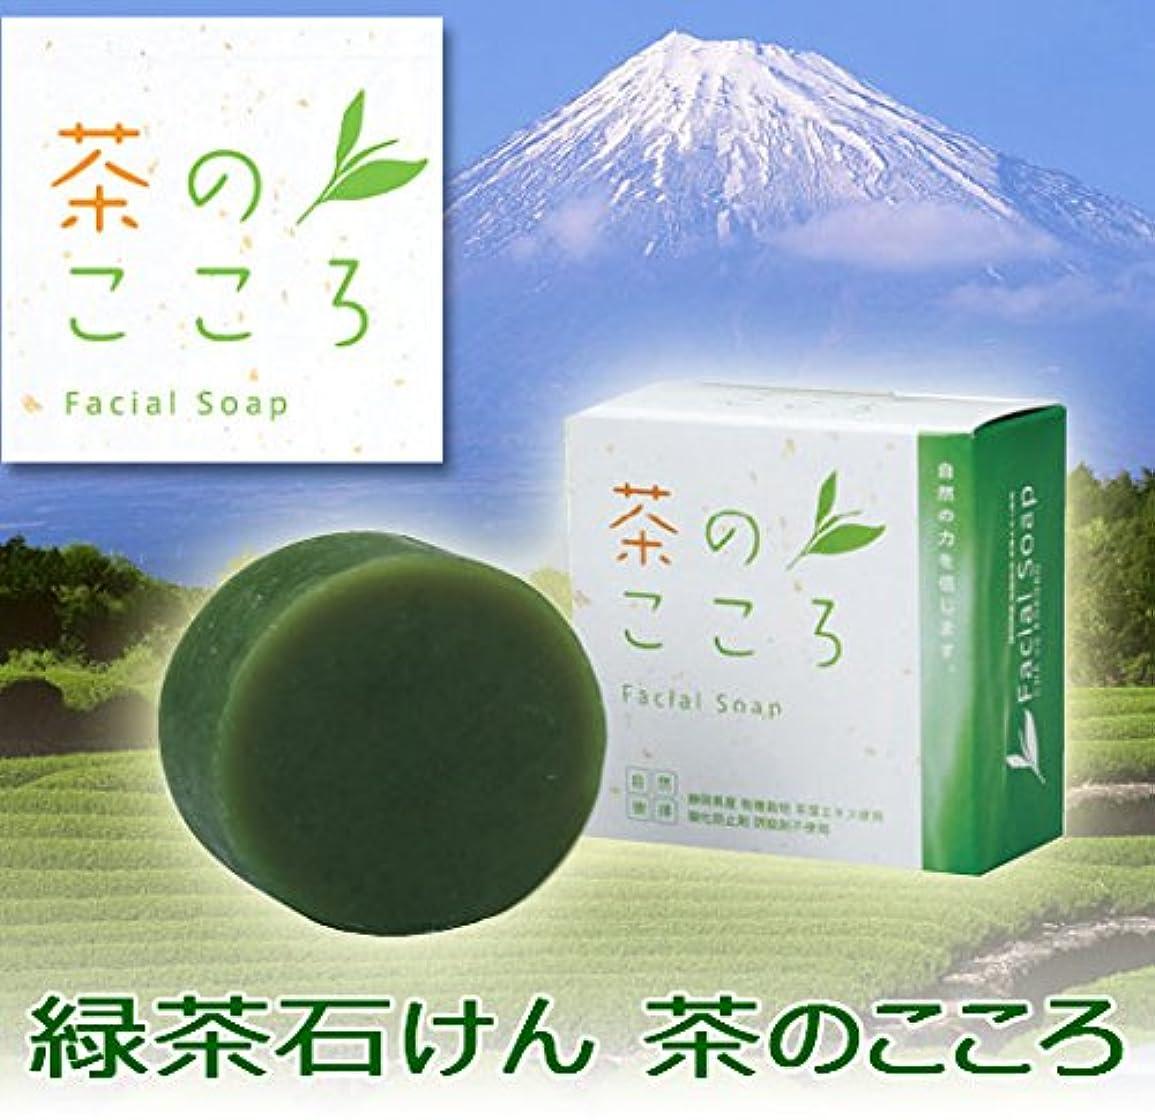 緑茶石けん『茶のこころ』